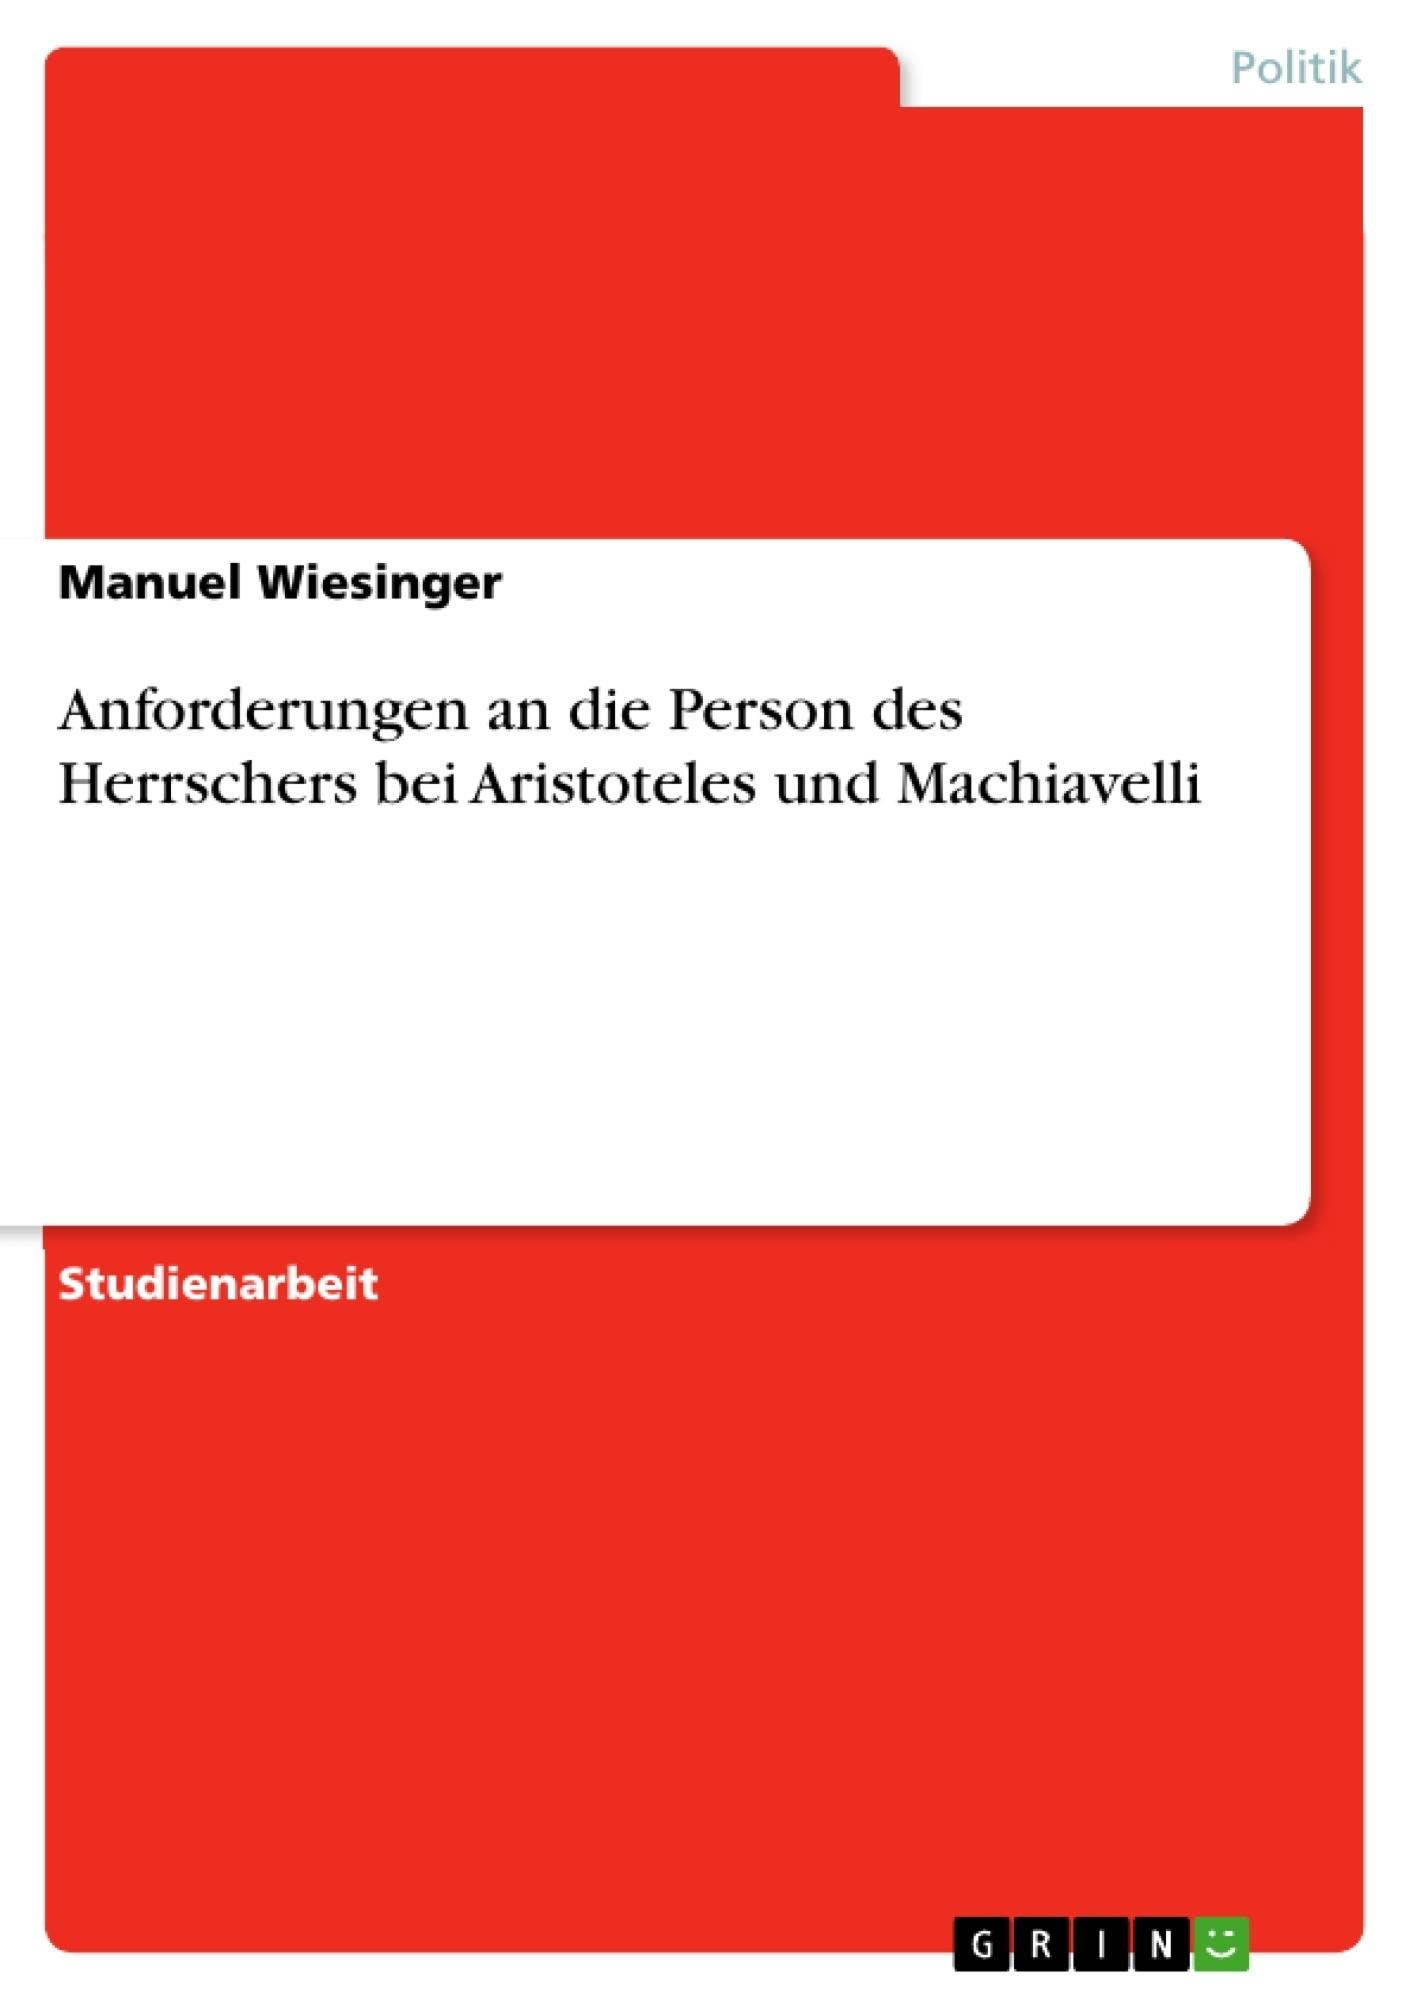 Titel: Anforderungen an die Person des Herrschers bei Aristoteles und Machiavelli